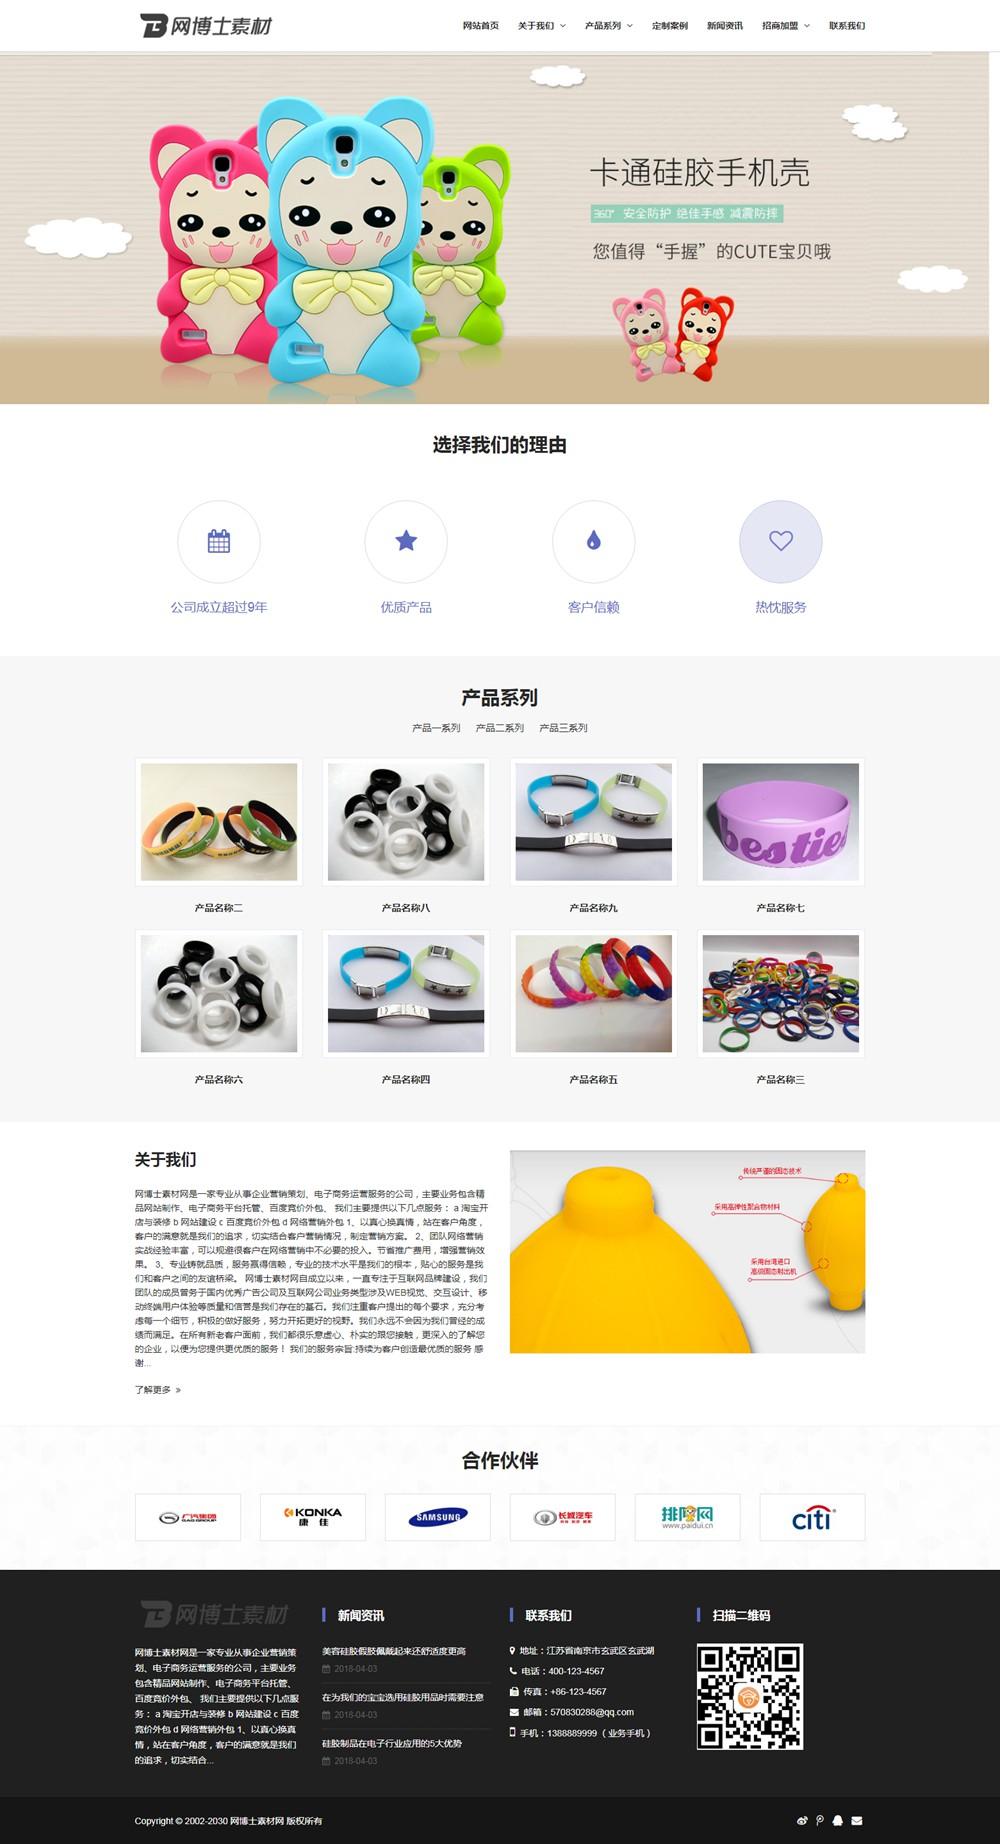 (自适应手机版)响应式泰硅胶制品类网站织梦模板 HTML5响应式小饰品玩具类网站